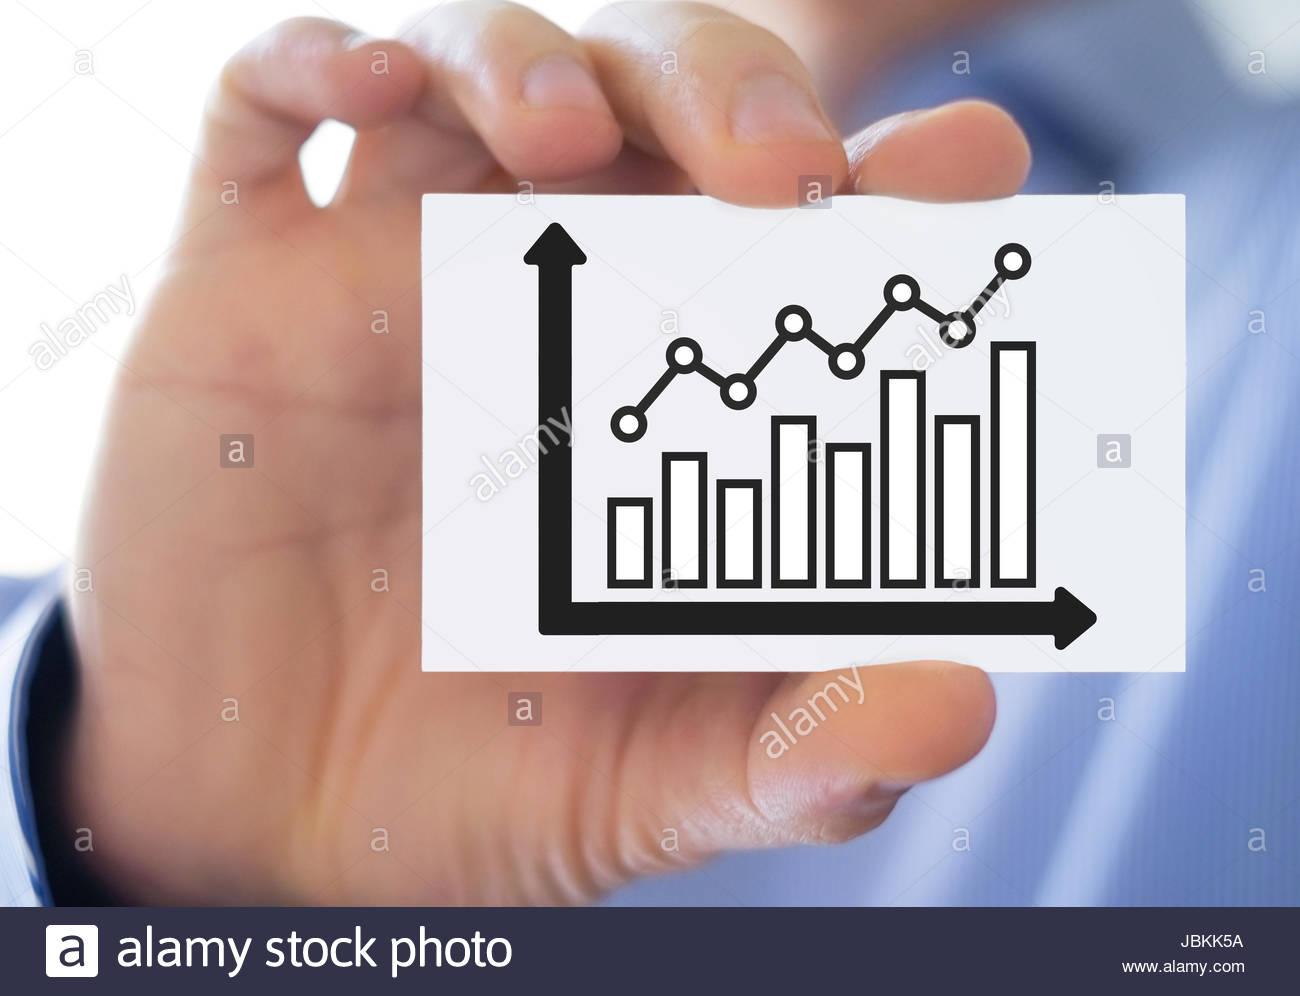 Statistica di sviluppo grafico grafico - business card Immagini Stock